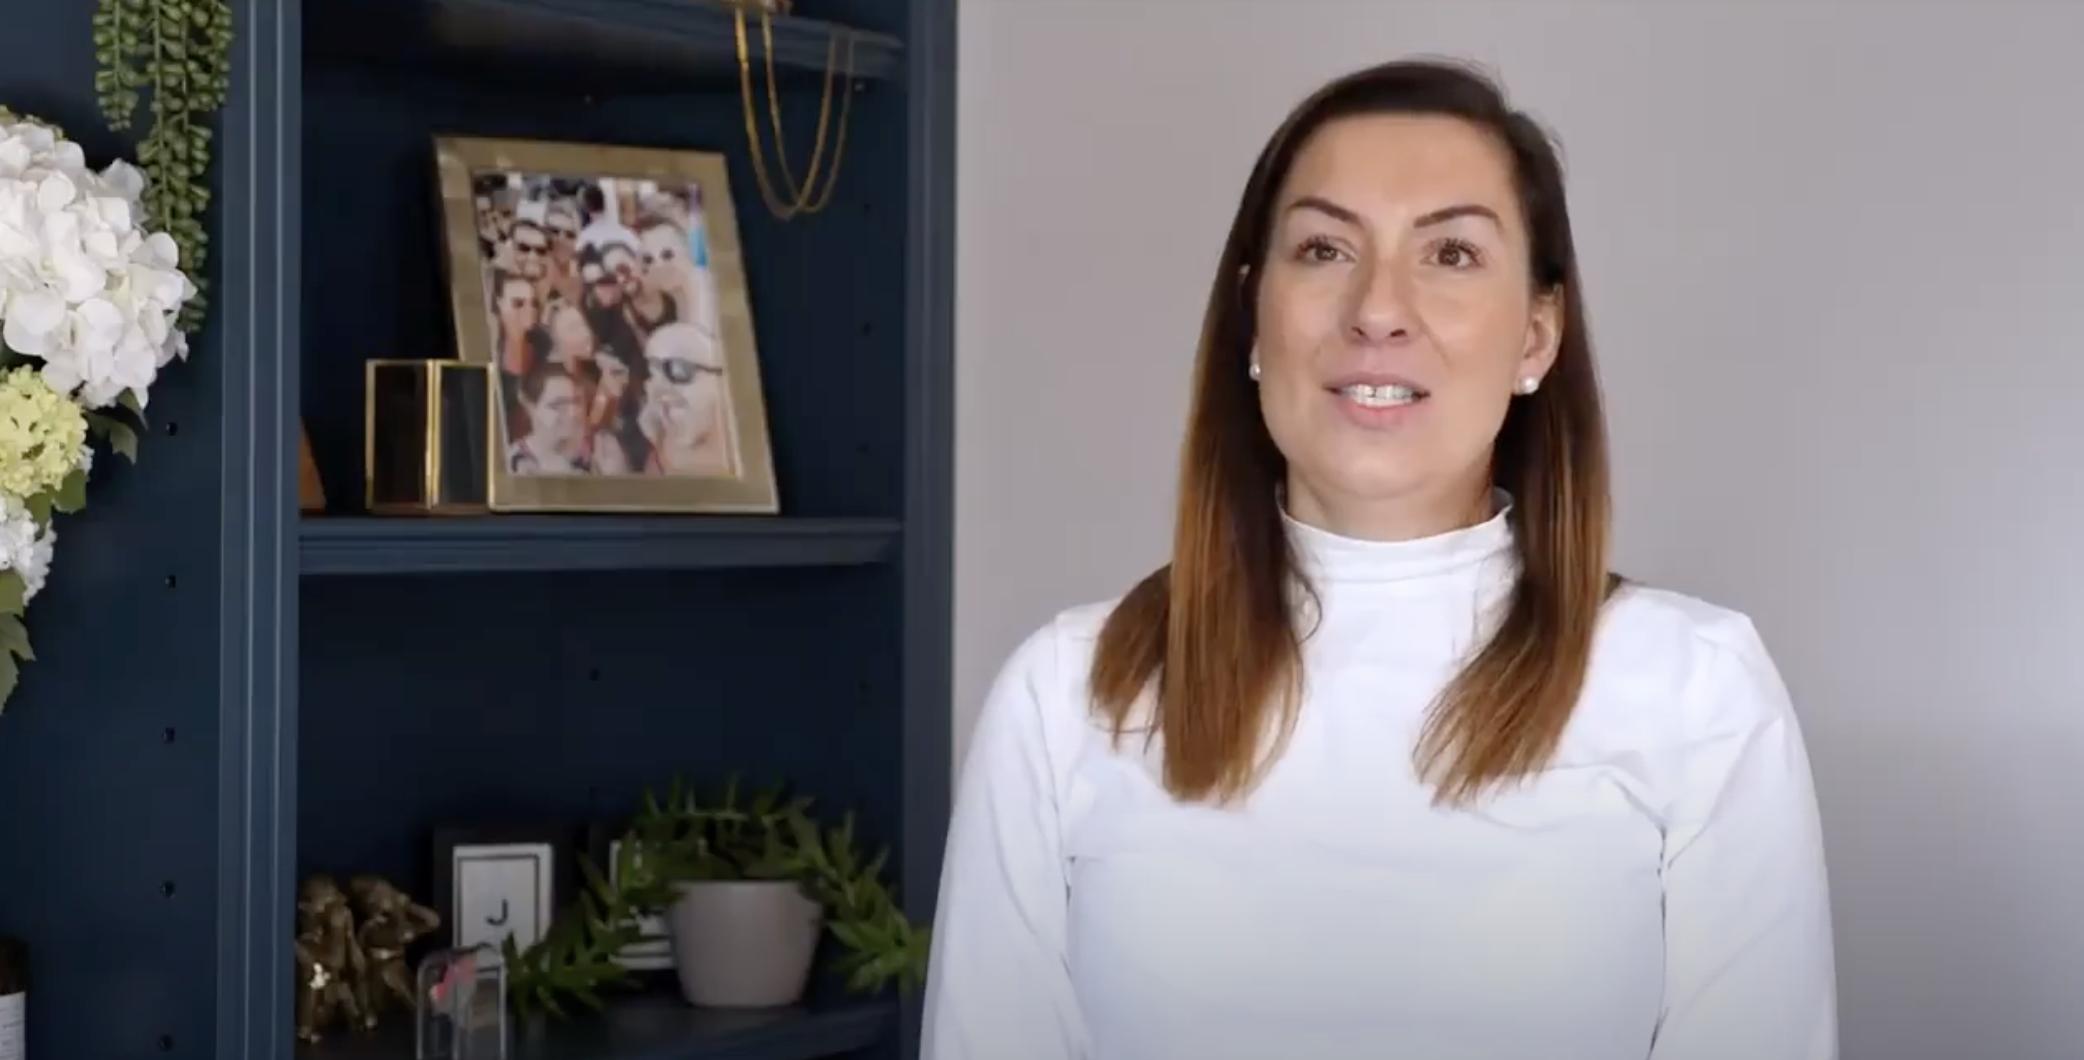 Meet Fracesca Steyn, co-founder of My Surrogacy Journey Video